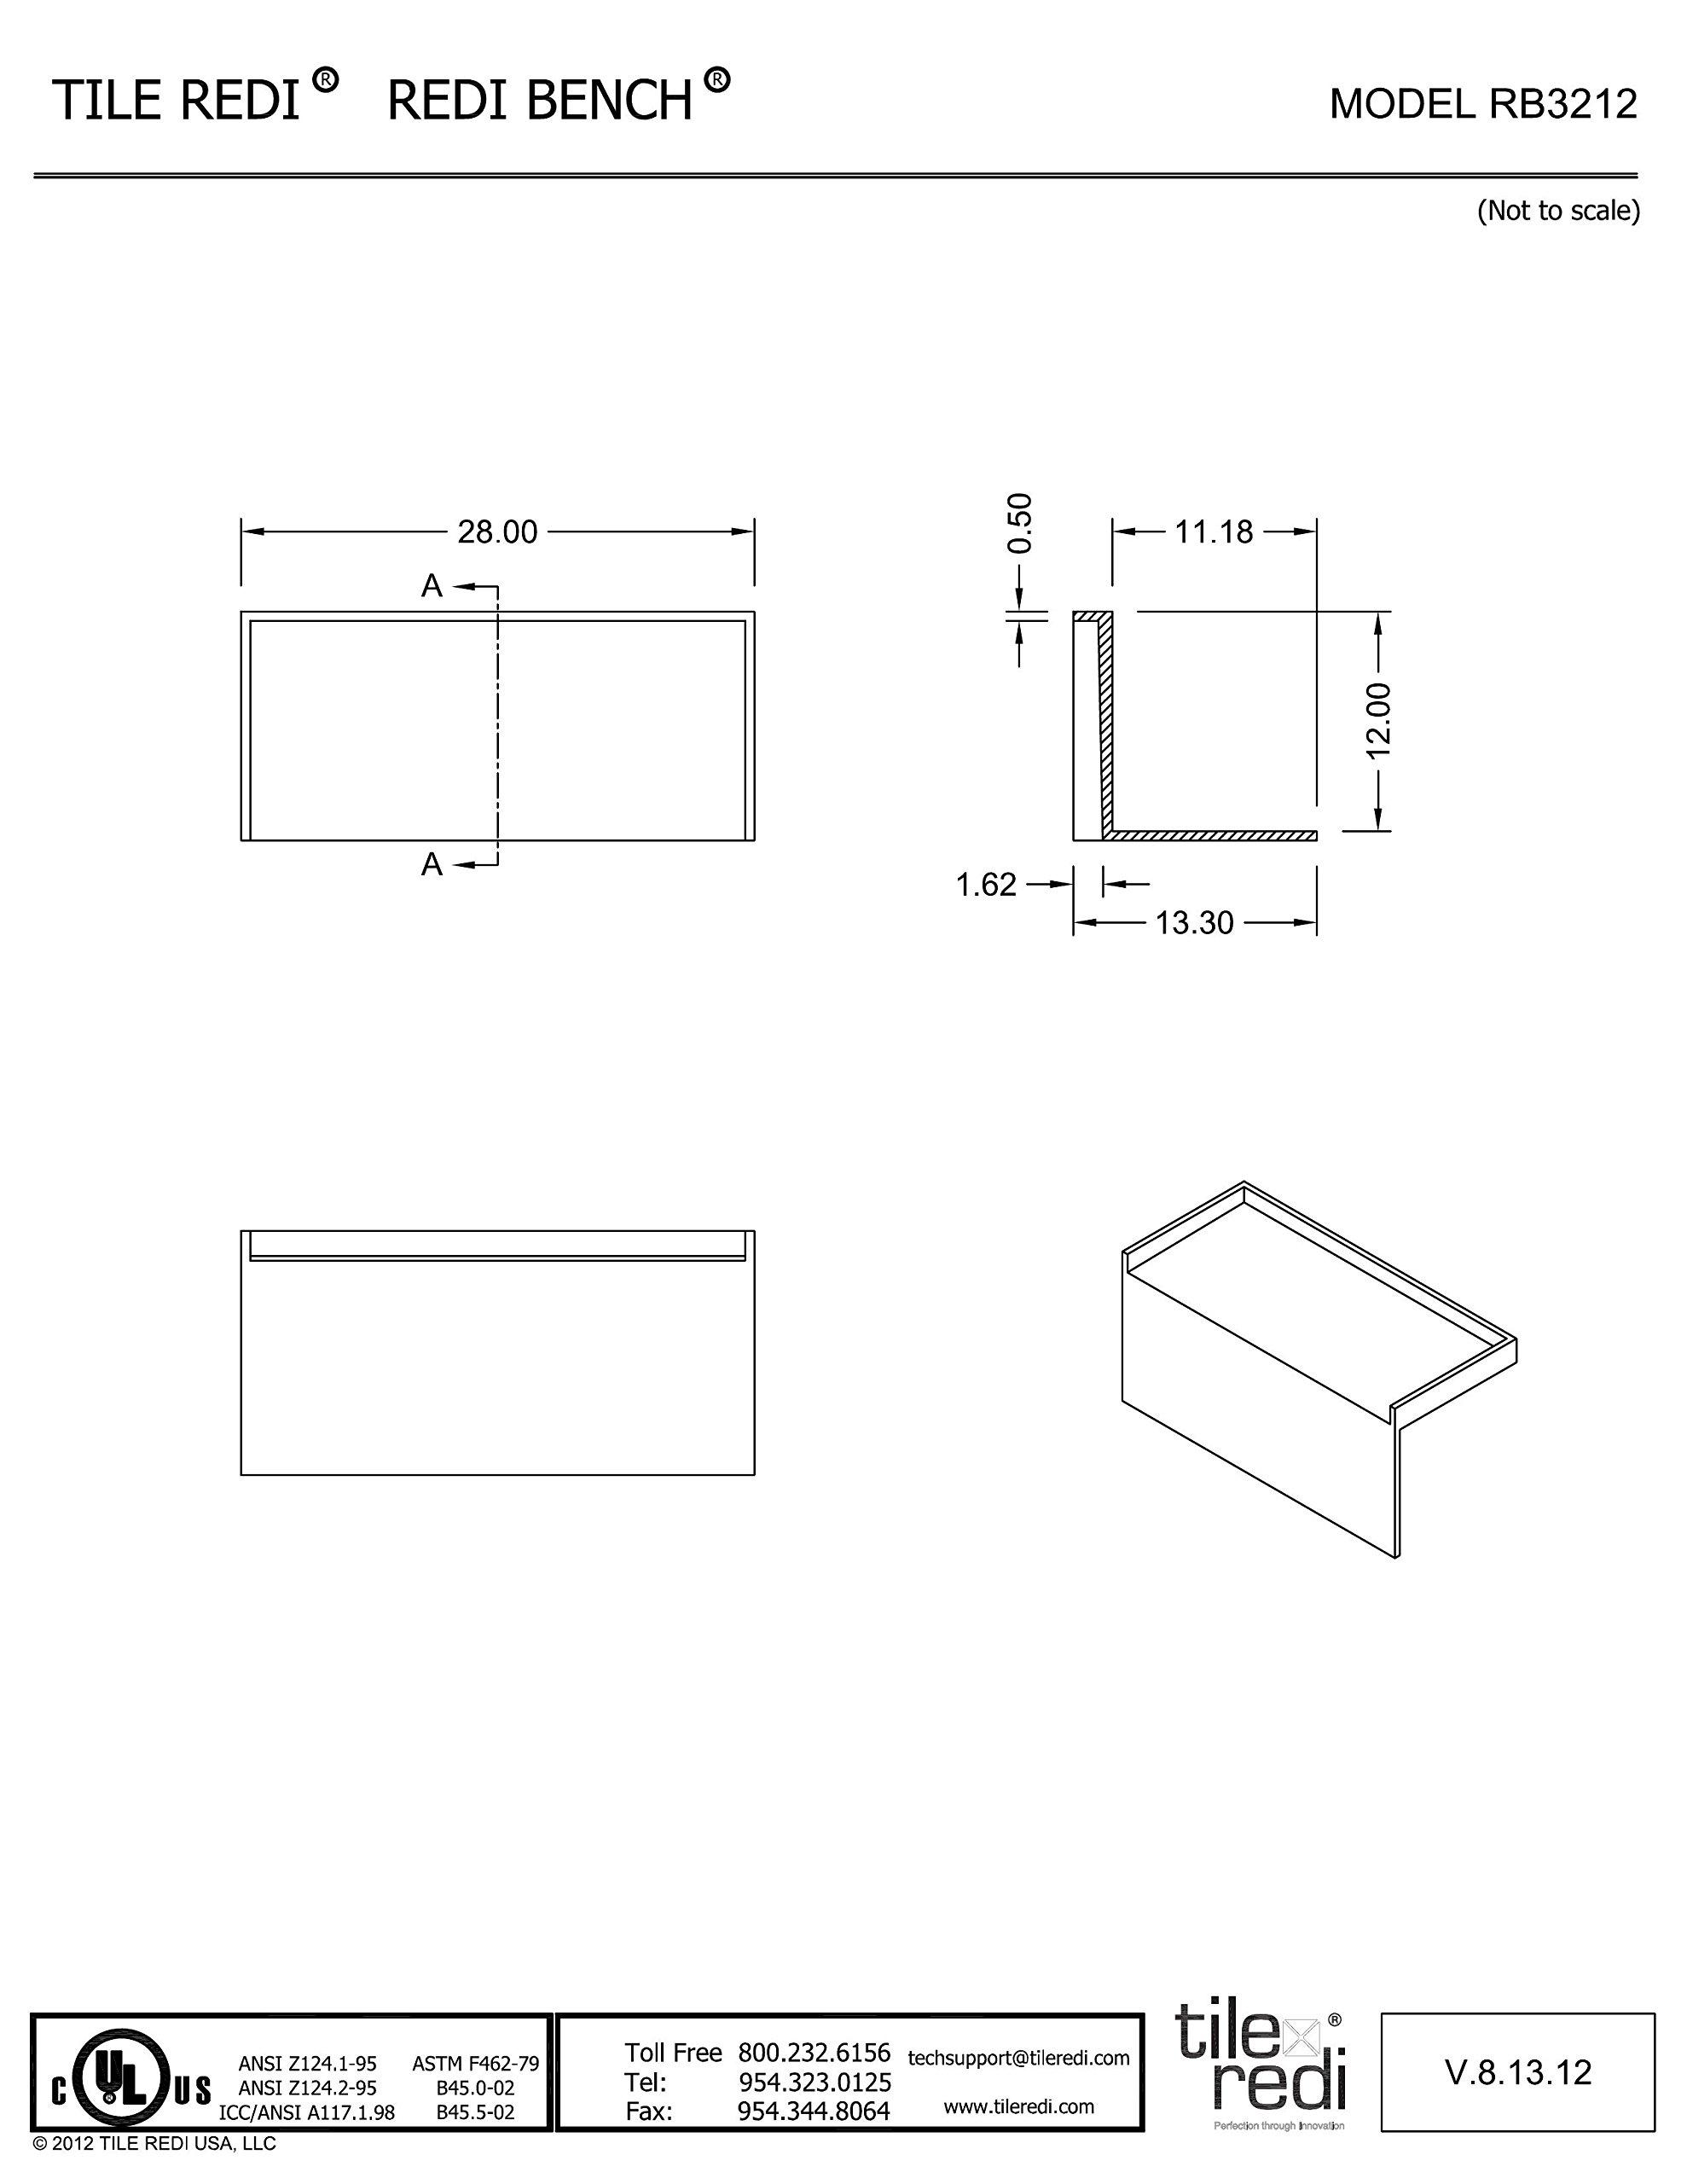 Tile Redi USA RB3212-KIT Shower Bench, Rectangular, Gray